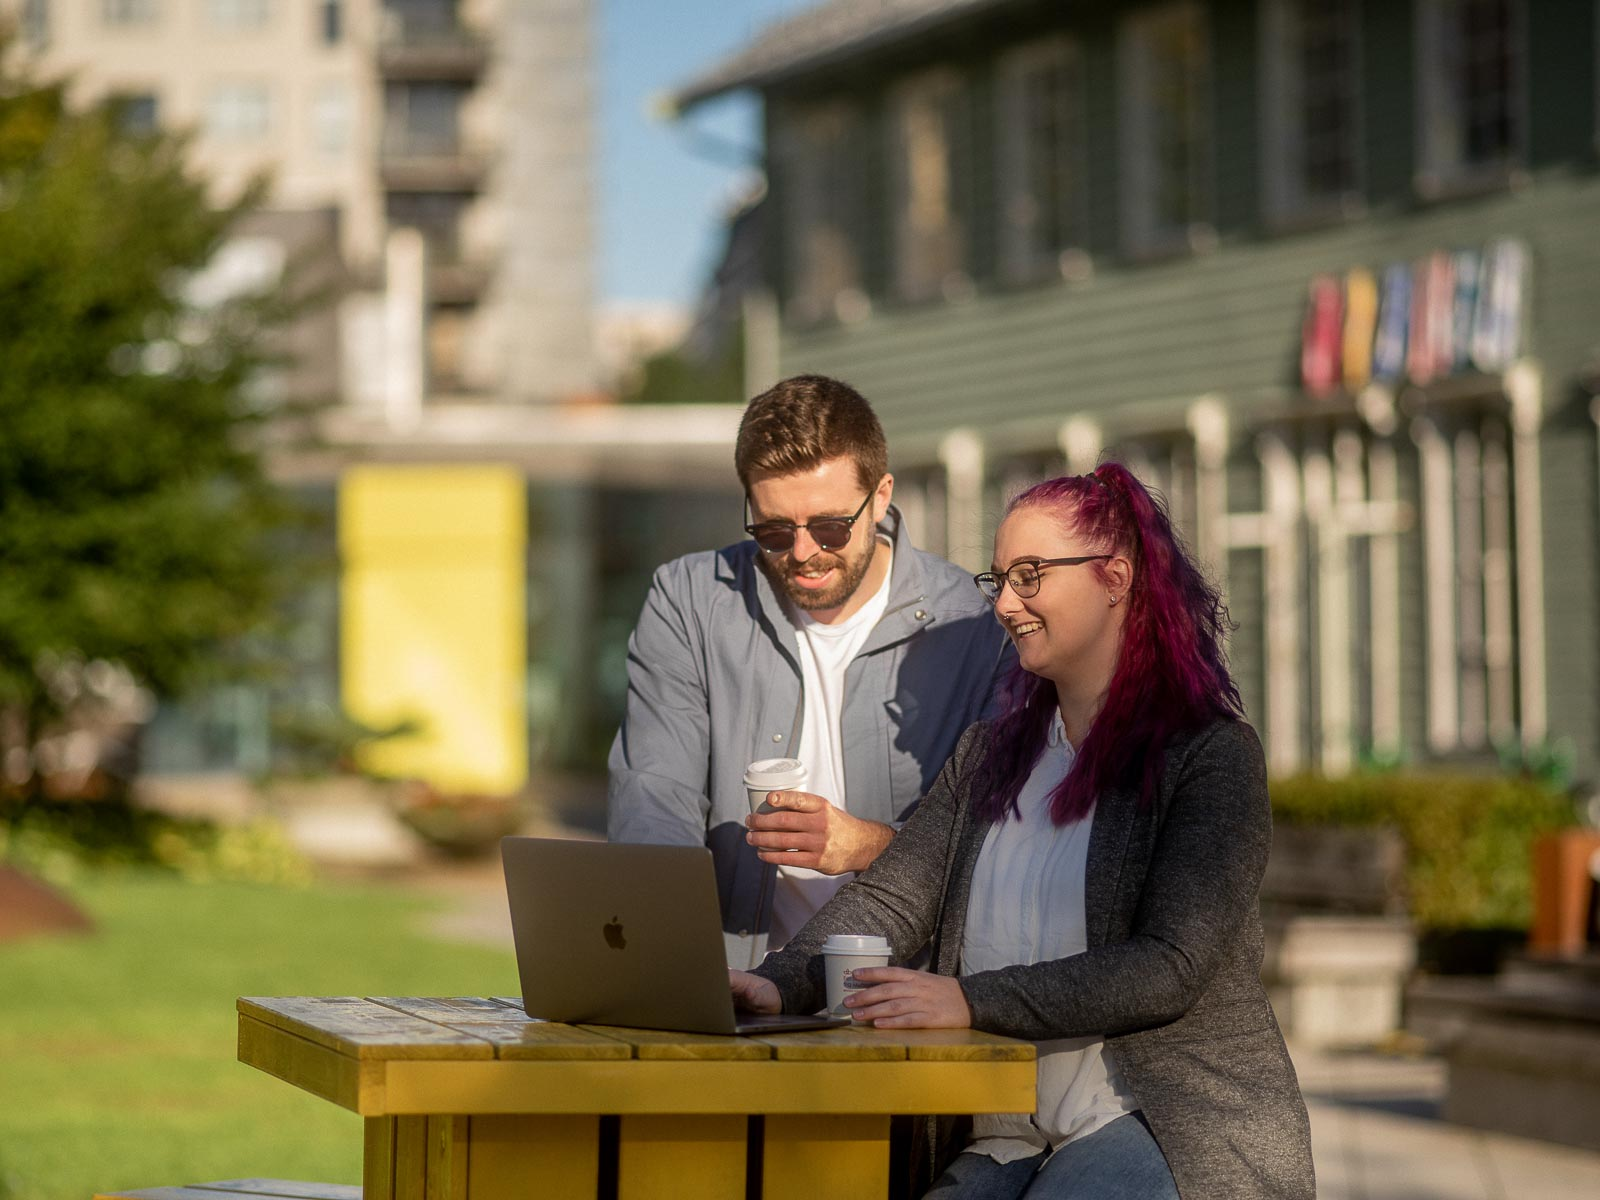 Mann og kvinne jobber på laptop utendørs